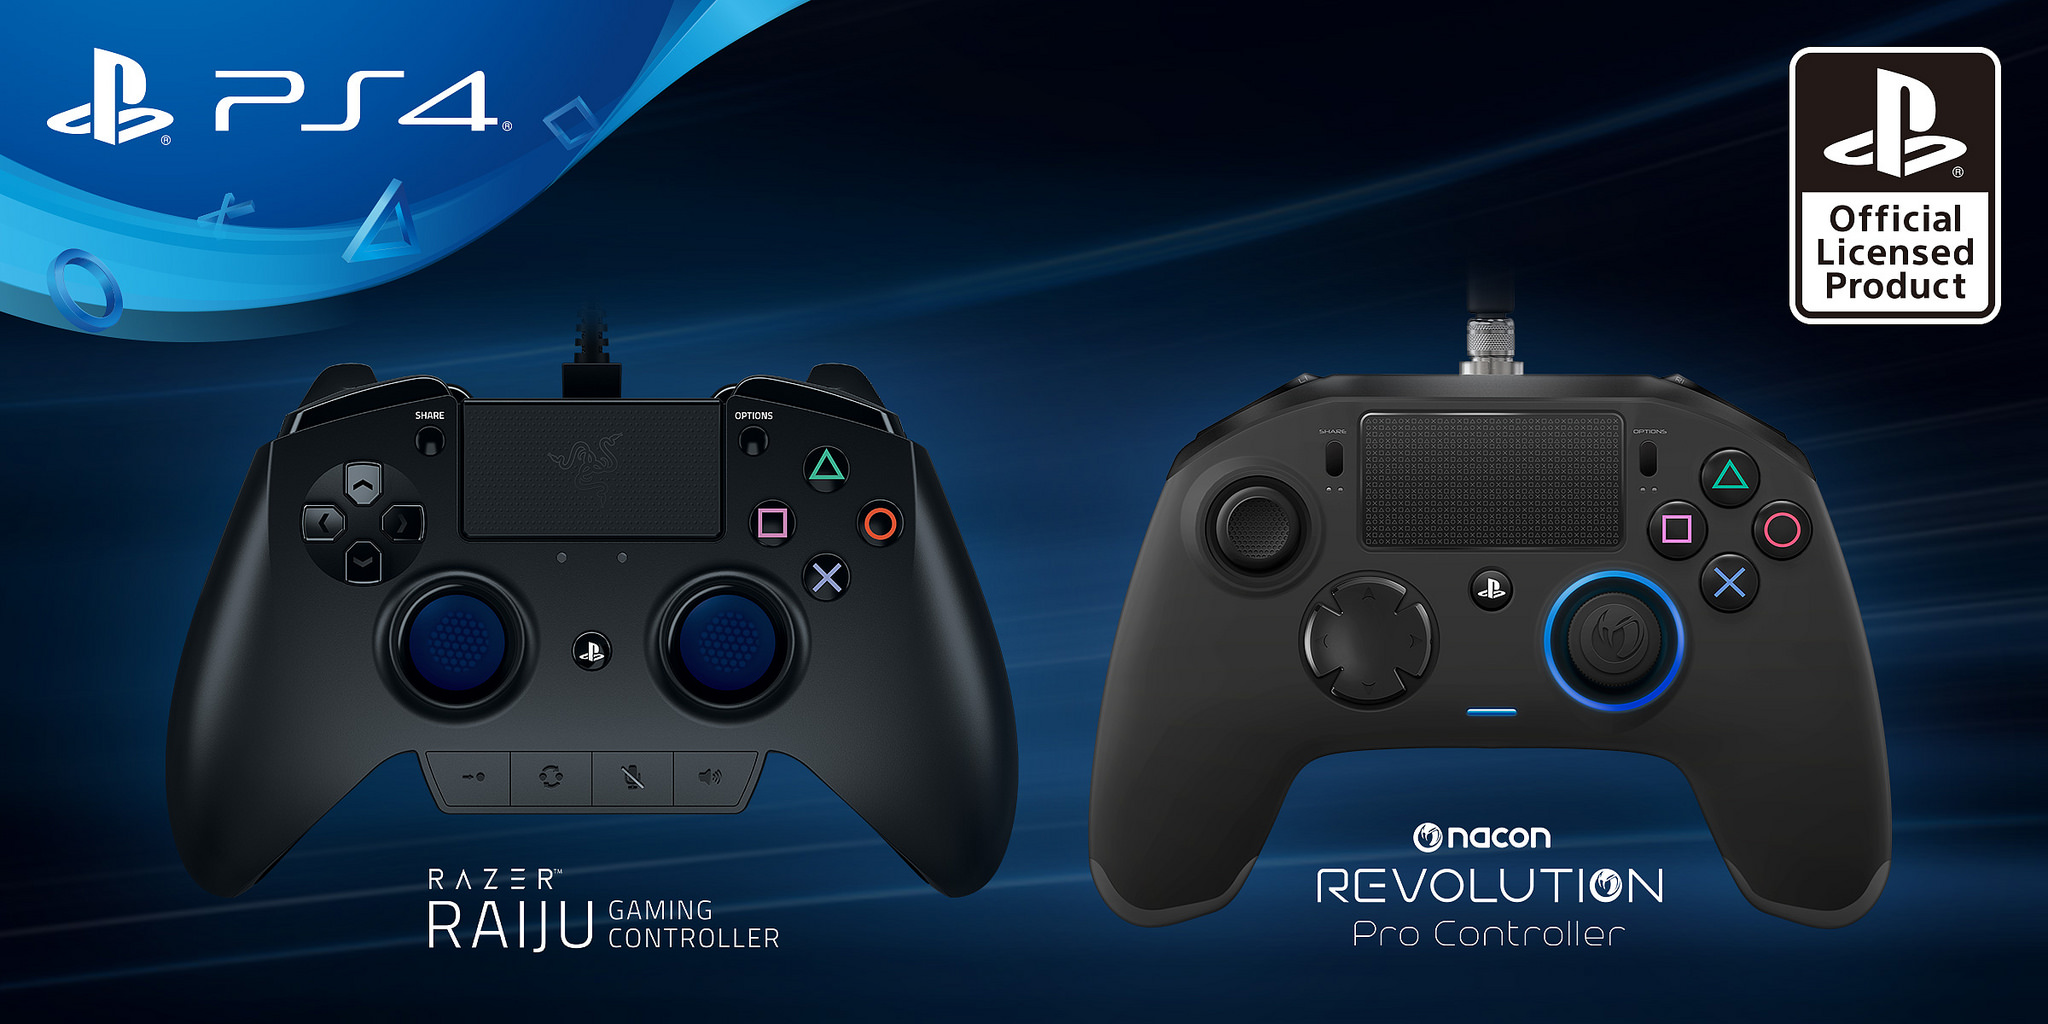 PlayStation 4, svelati i due nuovi controller pro firmati Razer e Nacon